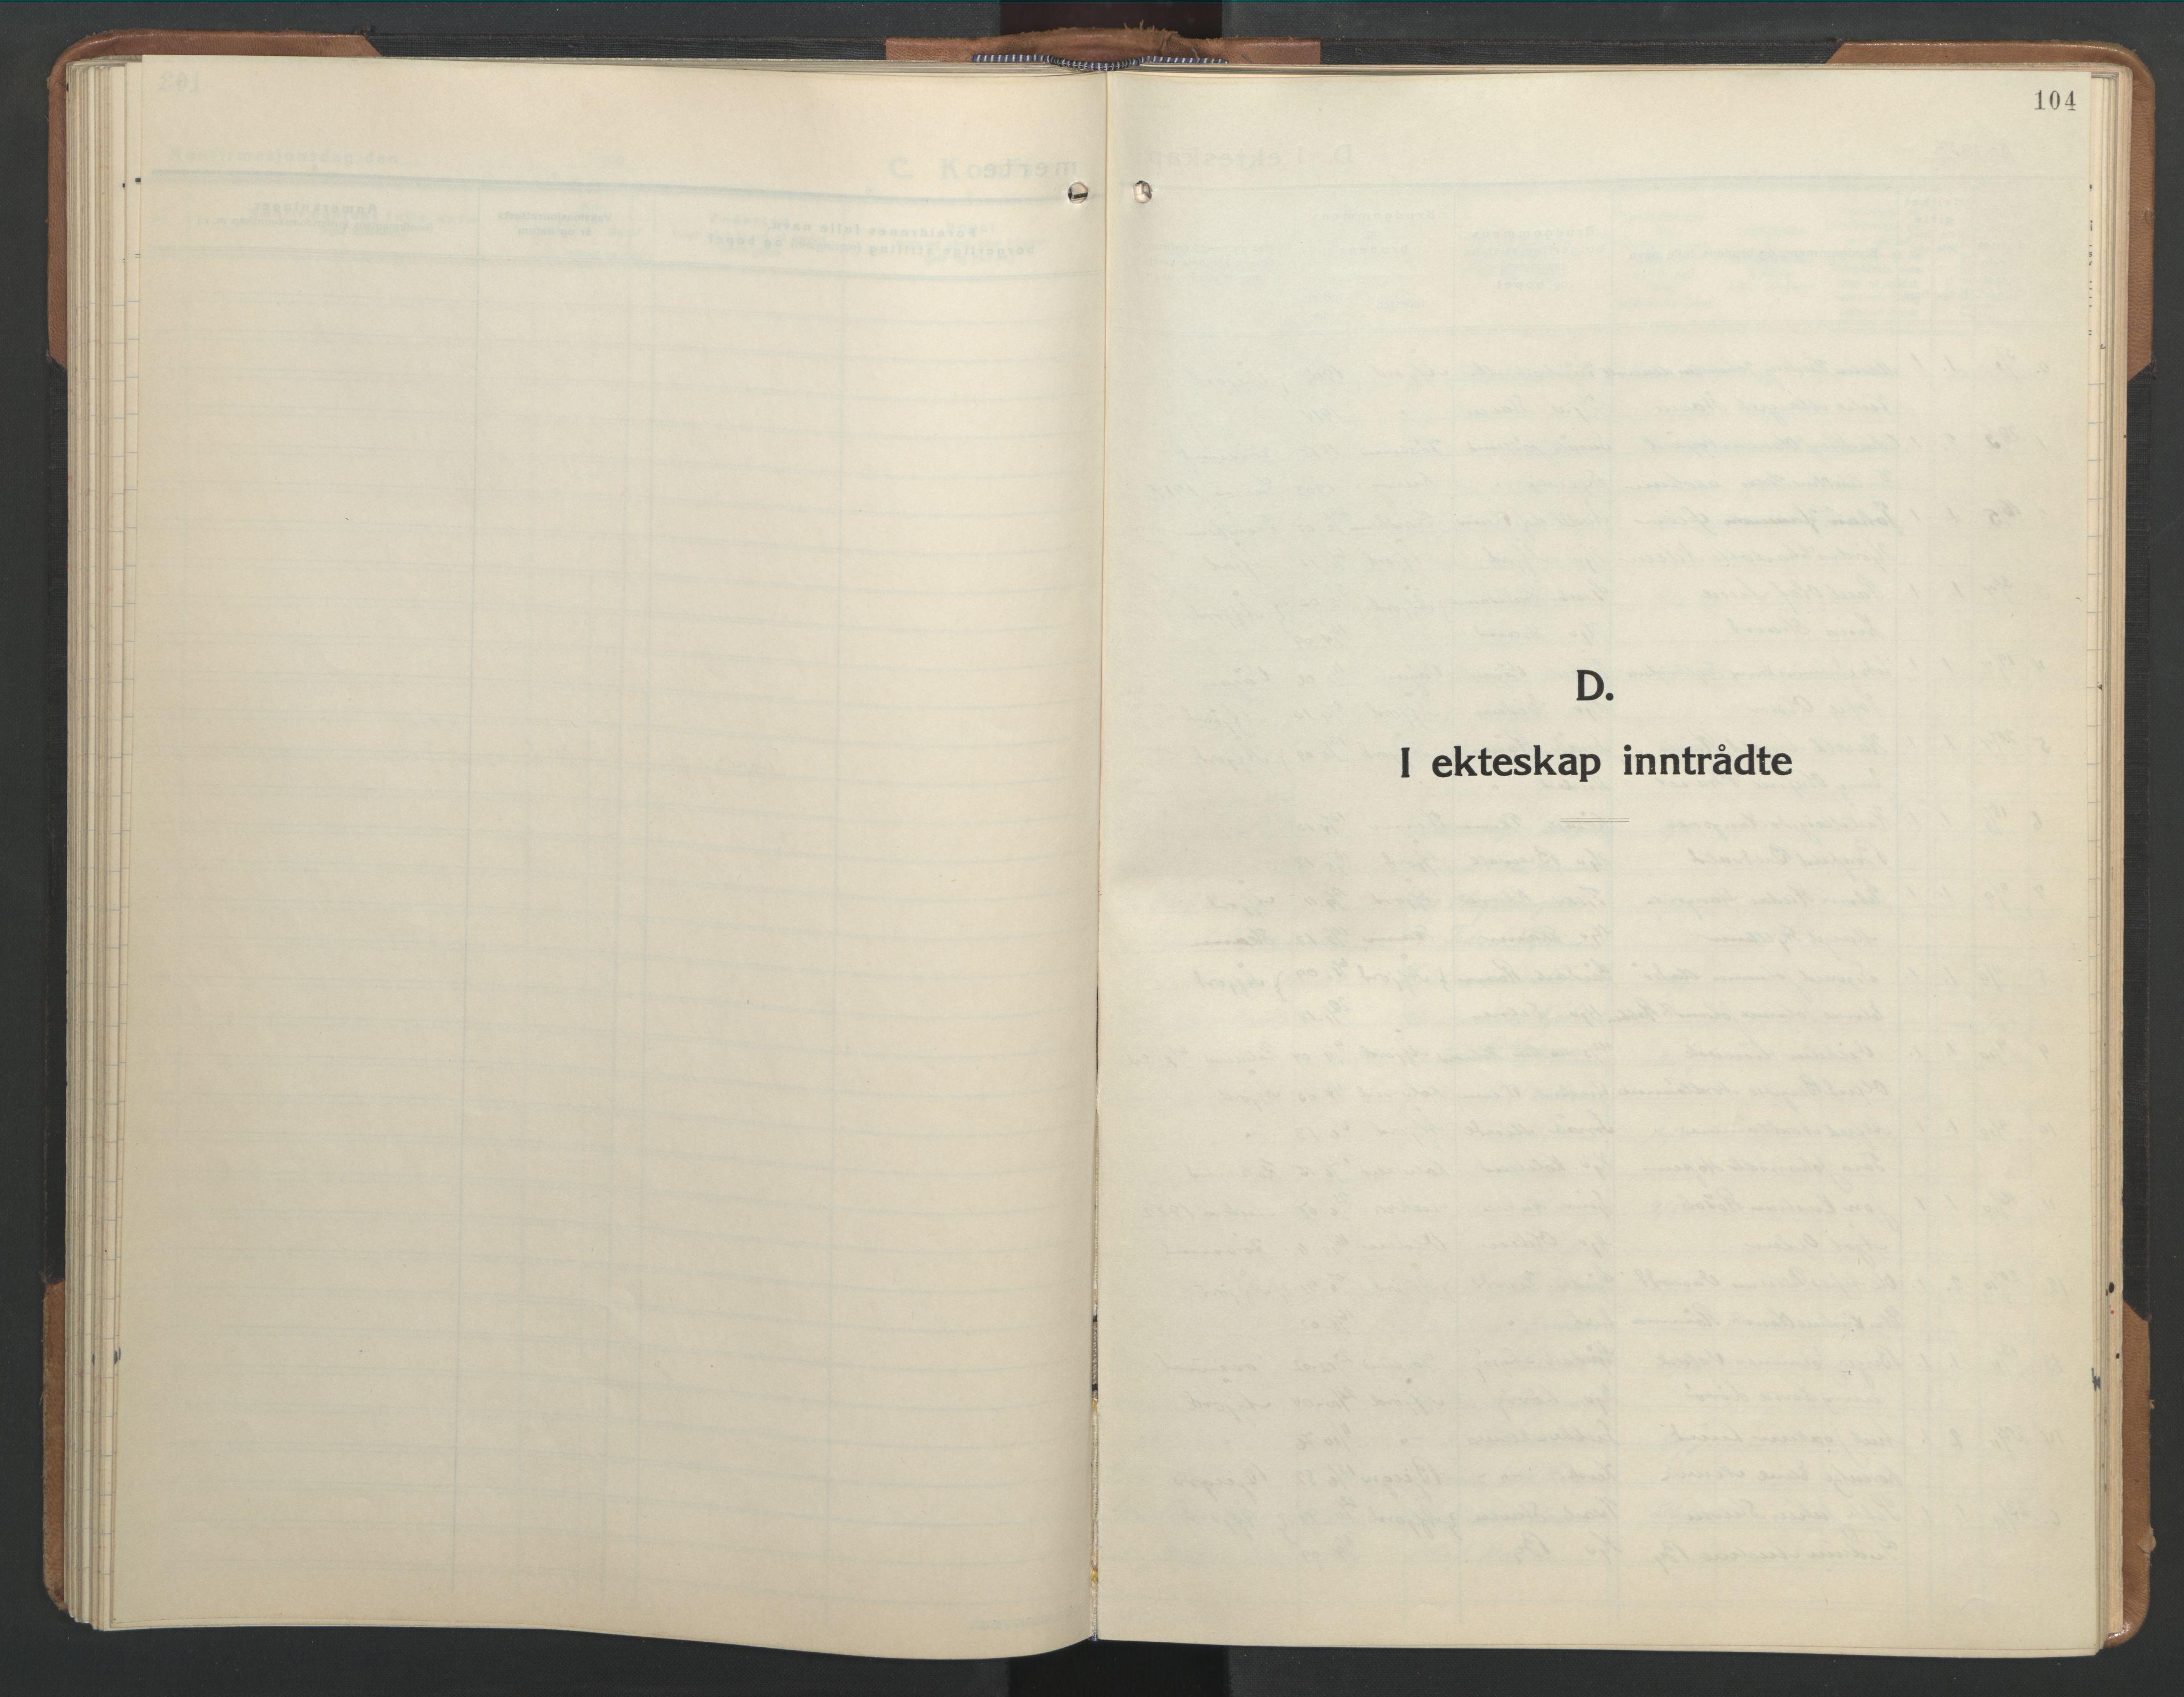 SAT, Ministerialprotokoller, klokkerbøker og fødselsregistre - Sør-Trøndelag, 655/L0690: Klokkerbok nr. 655C06, 1937-1950, s. 104